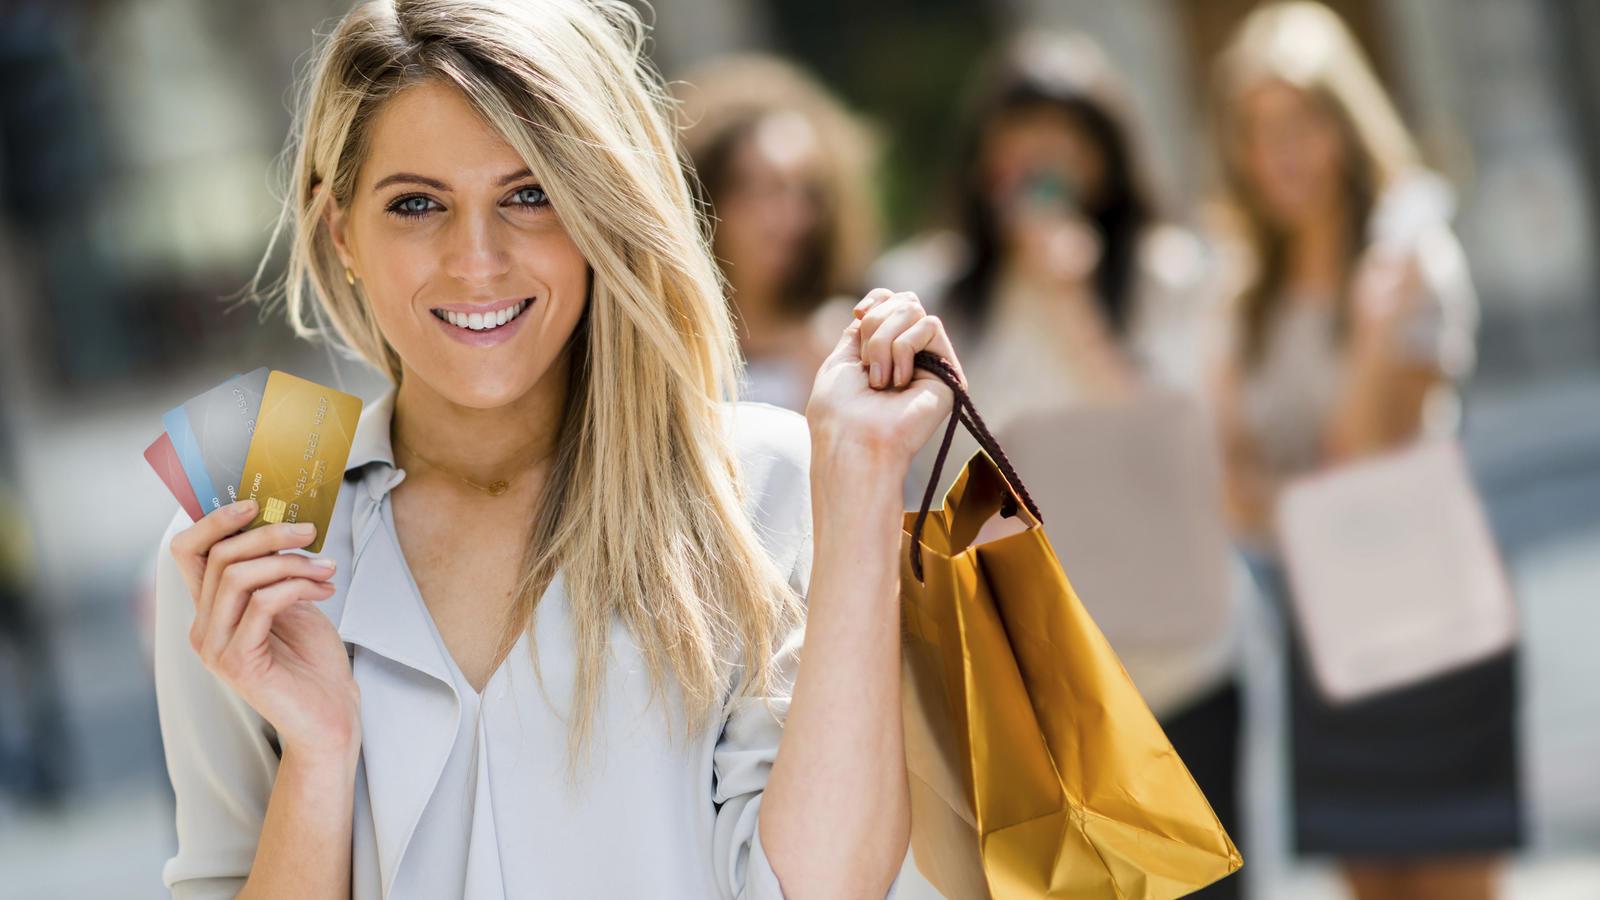 Geld sparen beim Shoppen: Ein Traum?